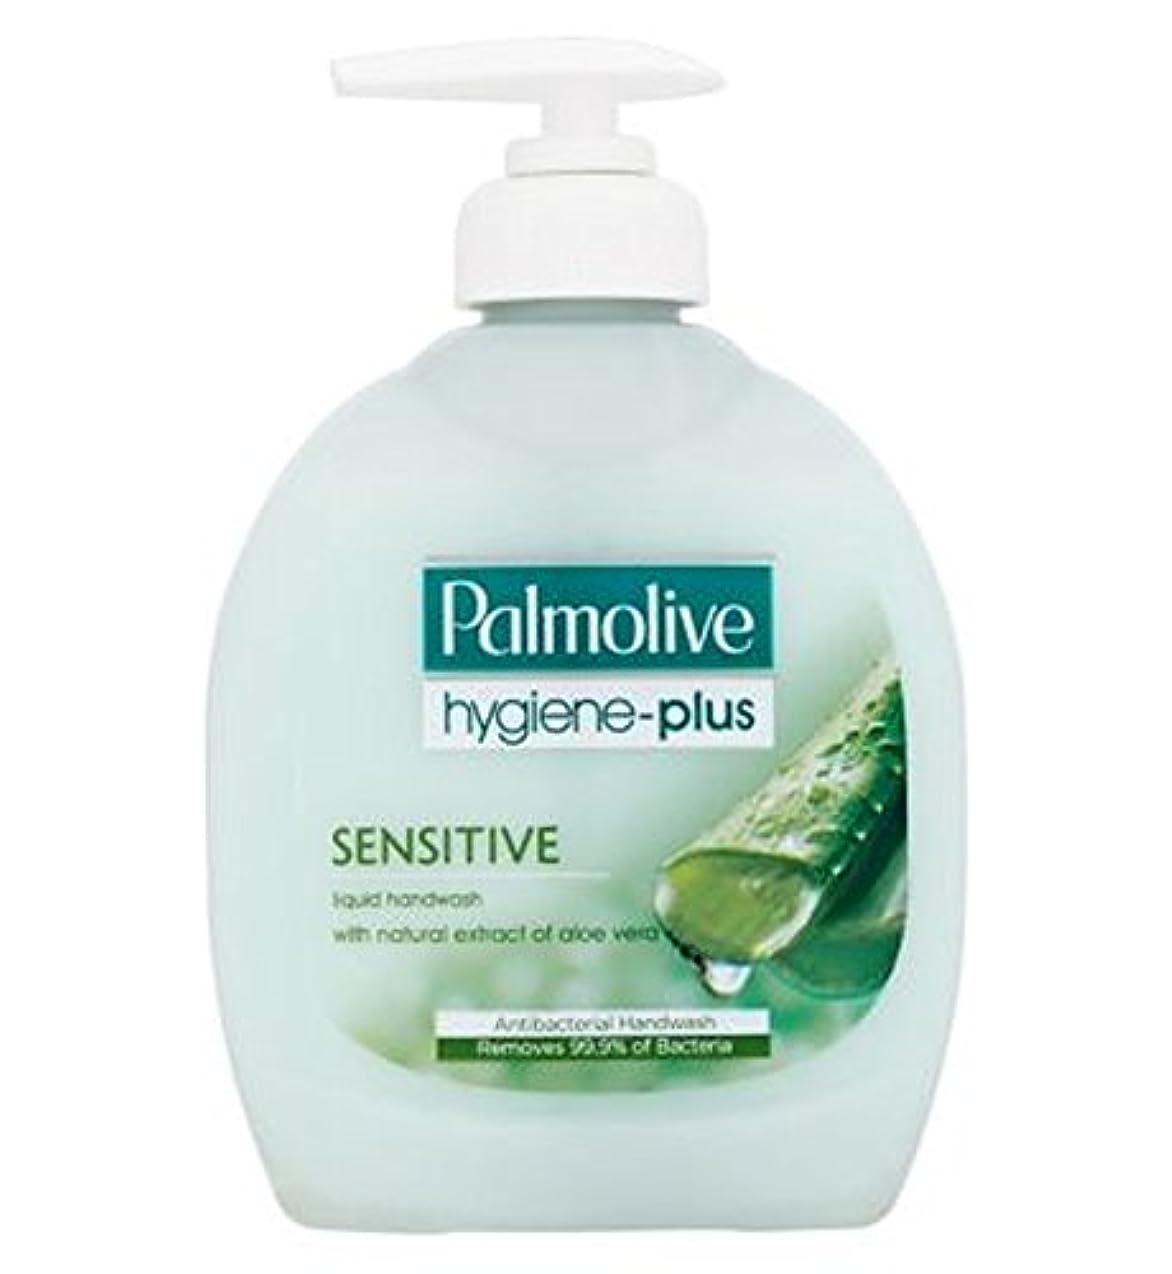 発揮するスマート論争の的Palmolive Hygiene Plus Sensitive Handwash - パルモ衛生プラス敏感手洗い (Palmolive) [並行輸入品]